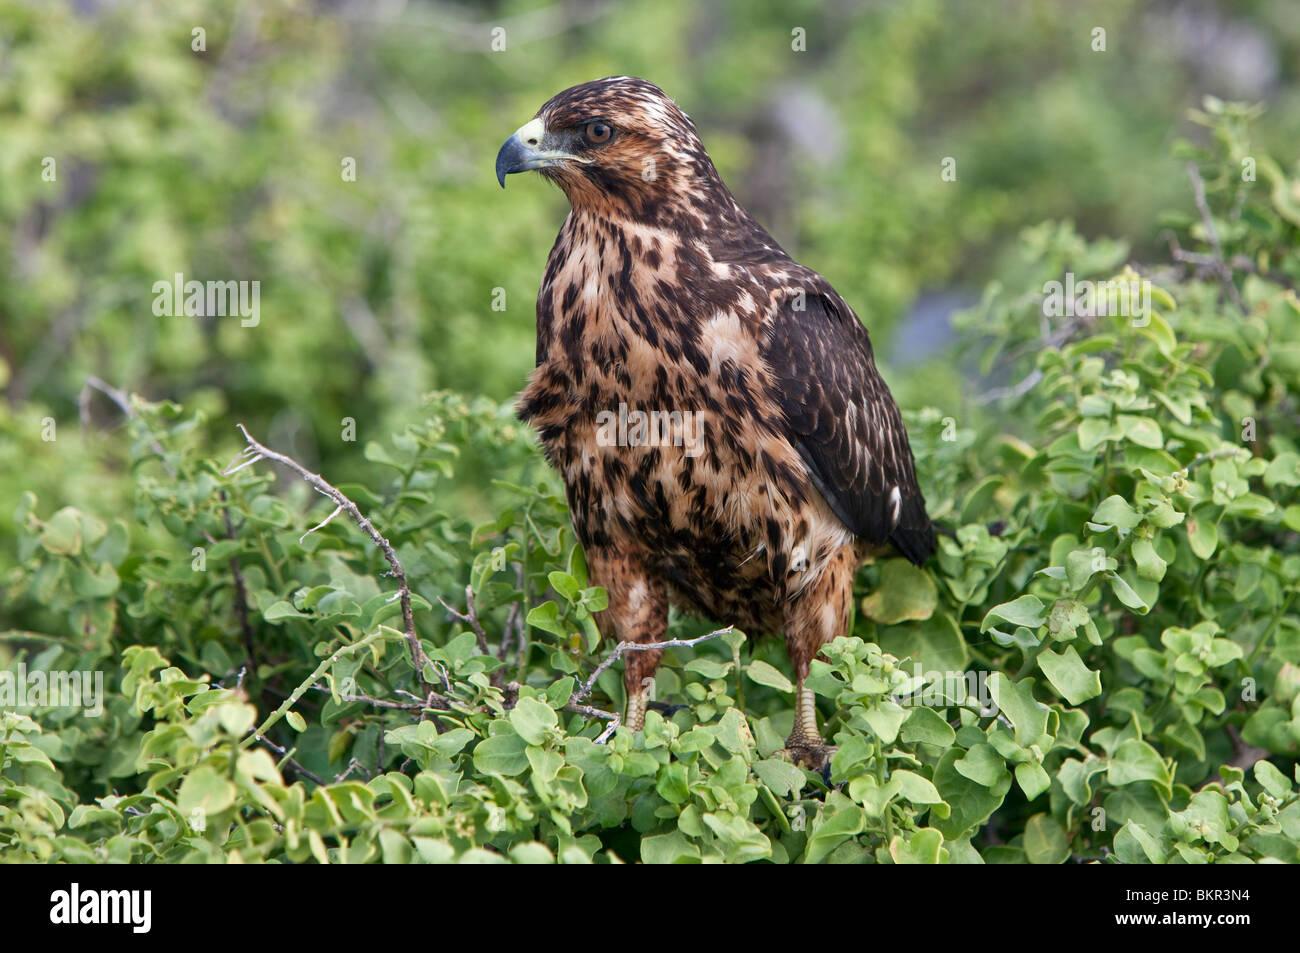 Galapagos Islands, A juvenile Galapagos hawk at Punta Suarez. - Stock Image